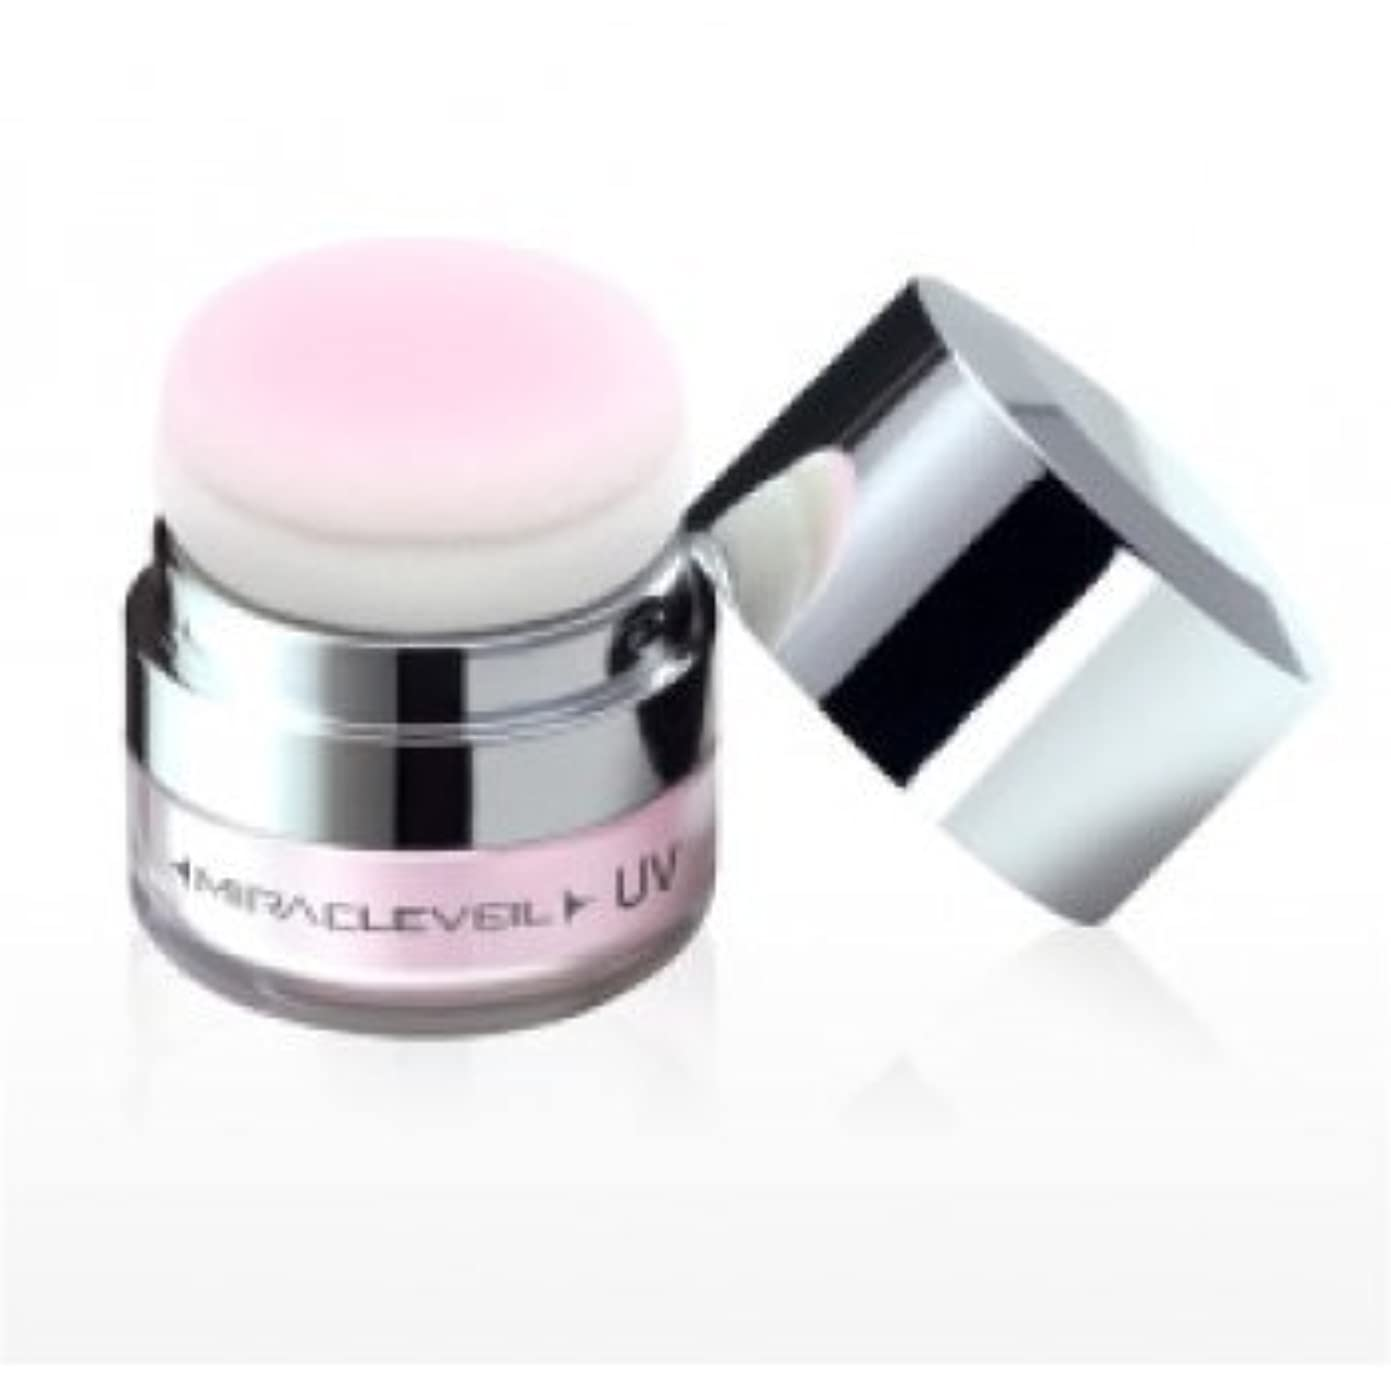 早熟アーティキュレーションスリーブミラクルヴェール UV(天然ダイヤモンド配合 日焼け止めパウダータイプ)SPF18 PA++